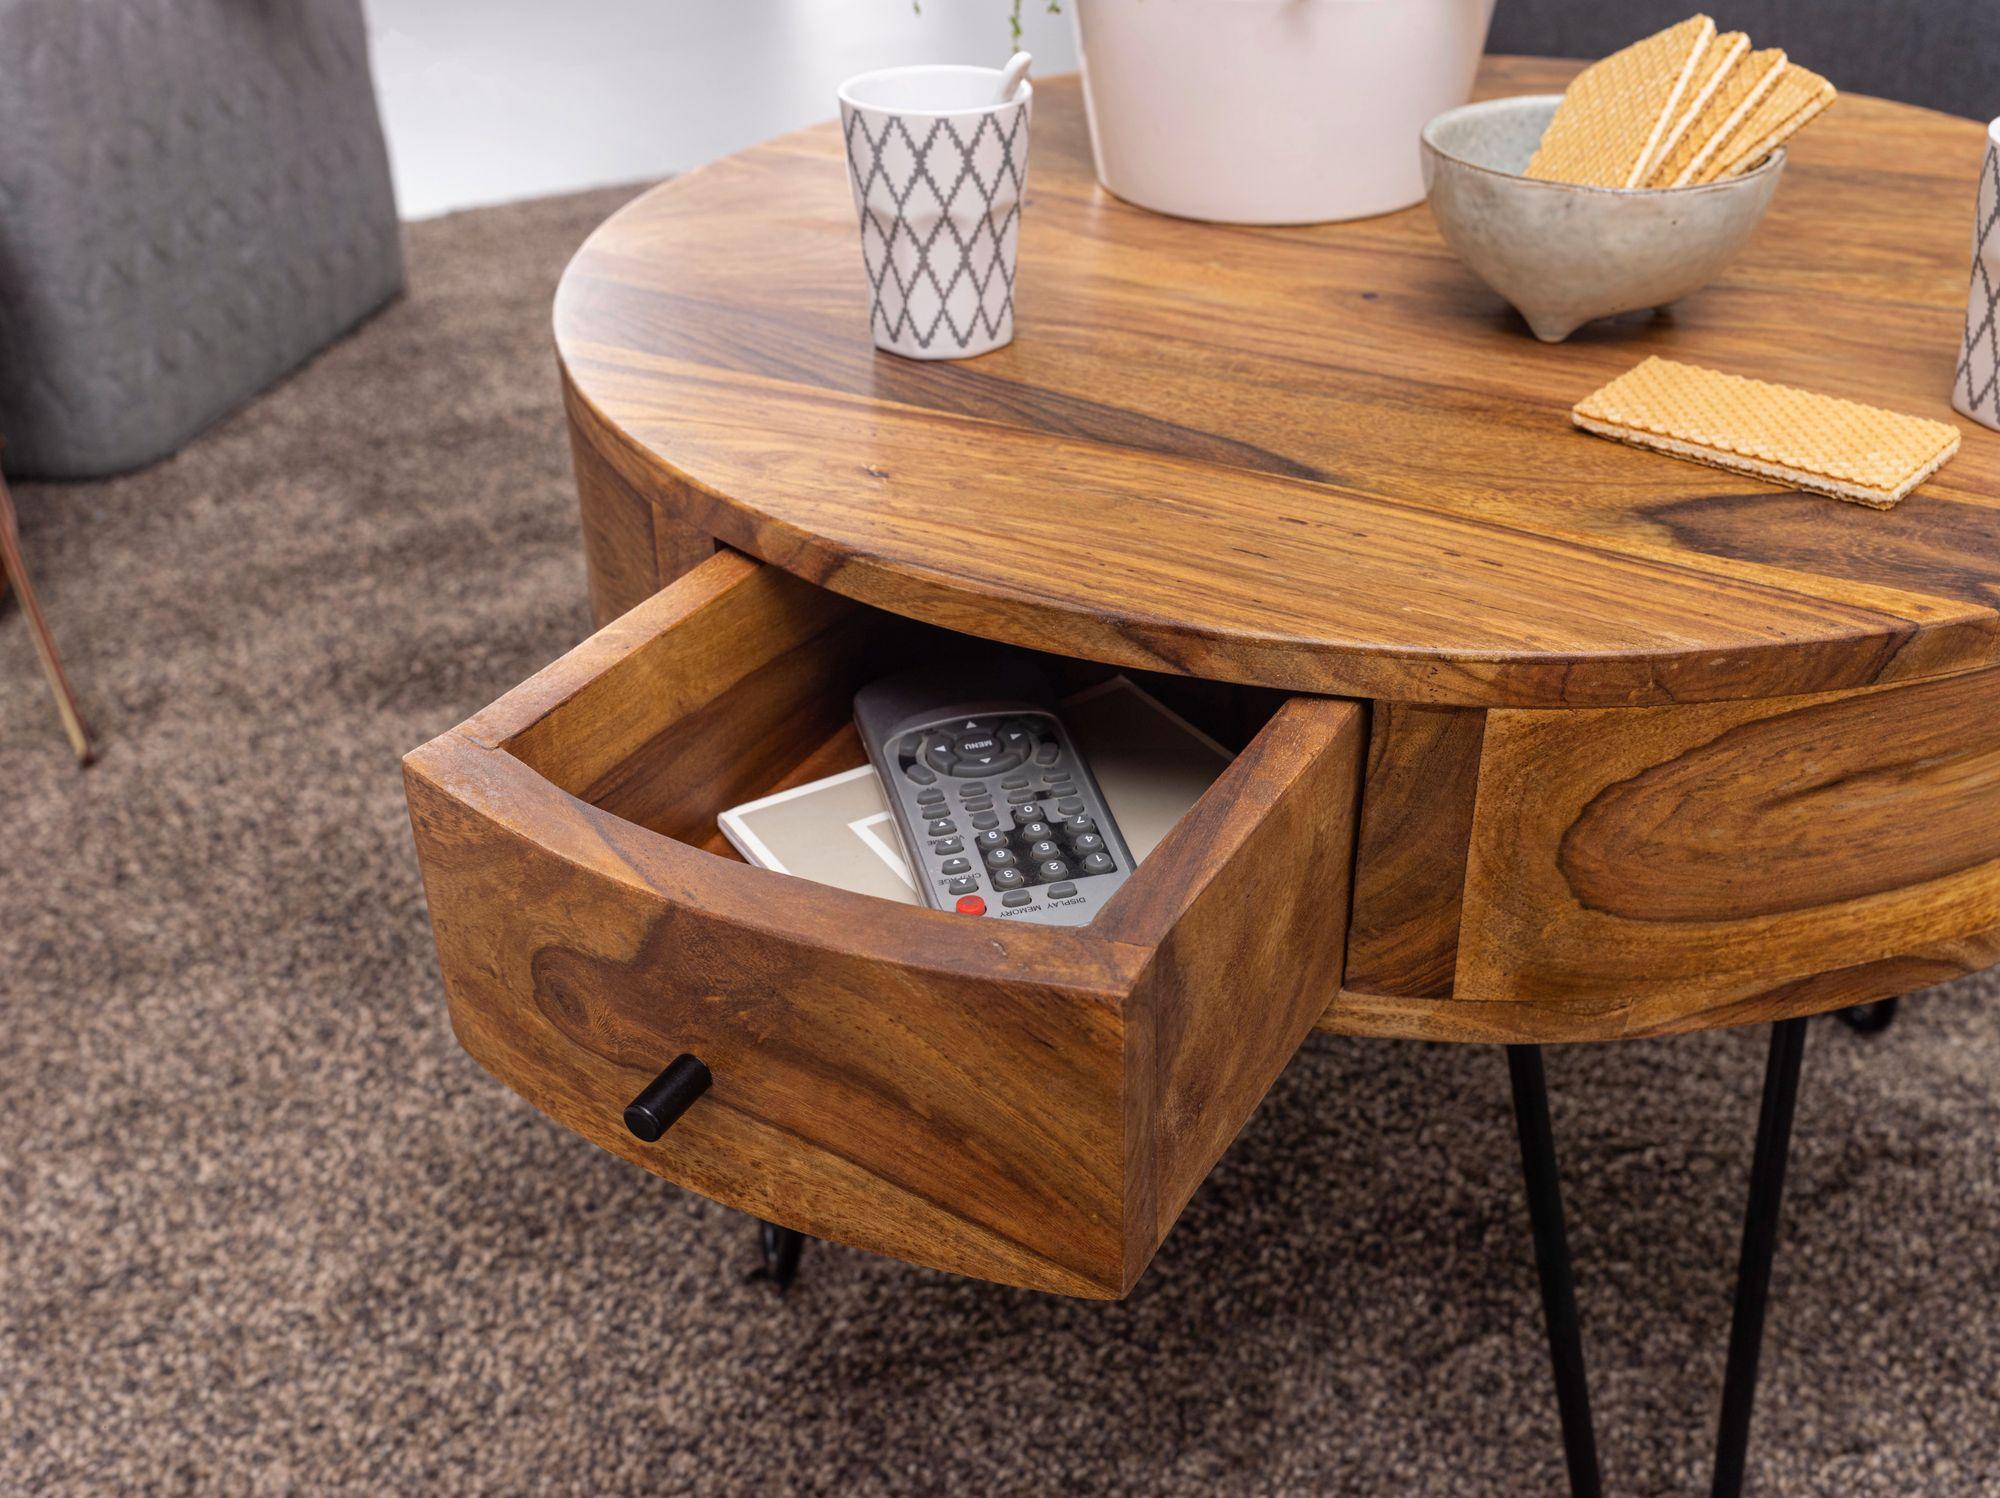 WOHNLING Couchtisch Sheesham Massivholz / Metall 20x20,20x20 cm Tisch  Wohnzimmer  Design Beistelltisch mit Schubladen  Kleiner Wohnzimmertisch  Rund